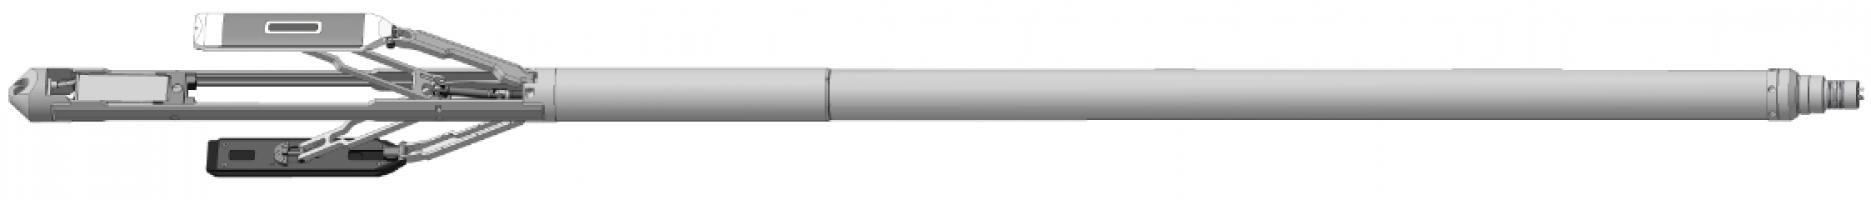 Прибор комплексный микрокаротажа малогабаритный К3А-723-3М, К3А-723-3МТ, (Новинка - ø 76 мм)